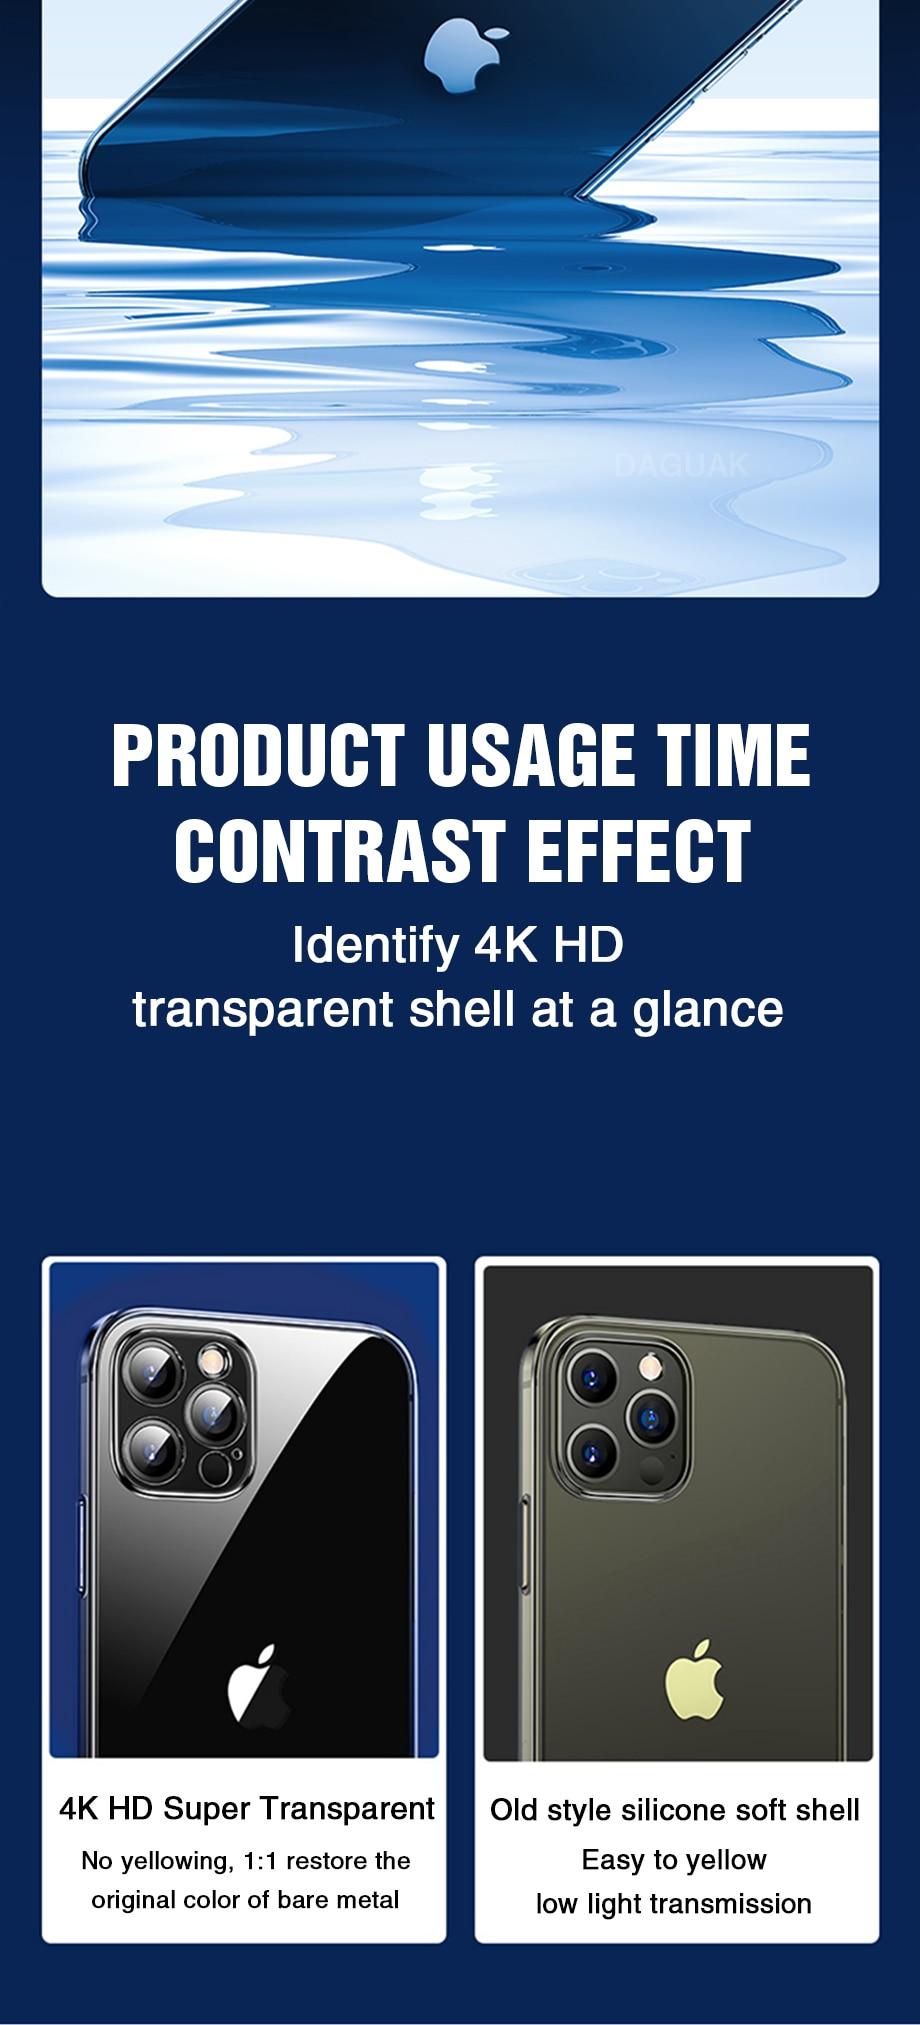 H4fcccd17393540b38a5a6552f81461ccd Capinha celular iphone case Proteção da lente da câmera clara caixa do telefone para o iphone 12 pro max silicone macio capa para o iphone 12 mini à prova de choque capa traseira presente